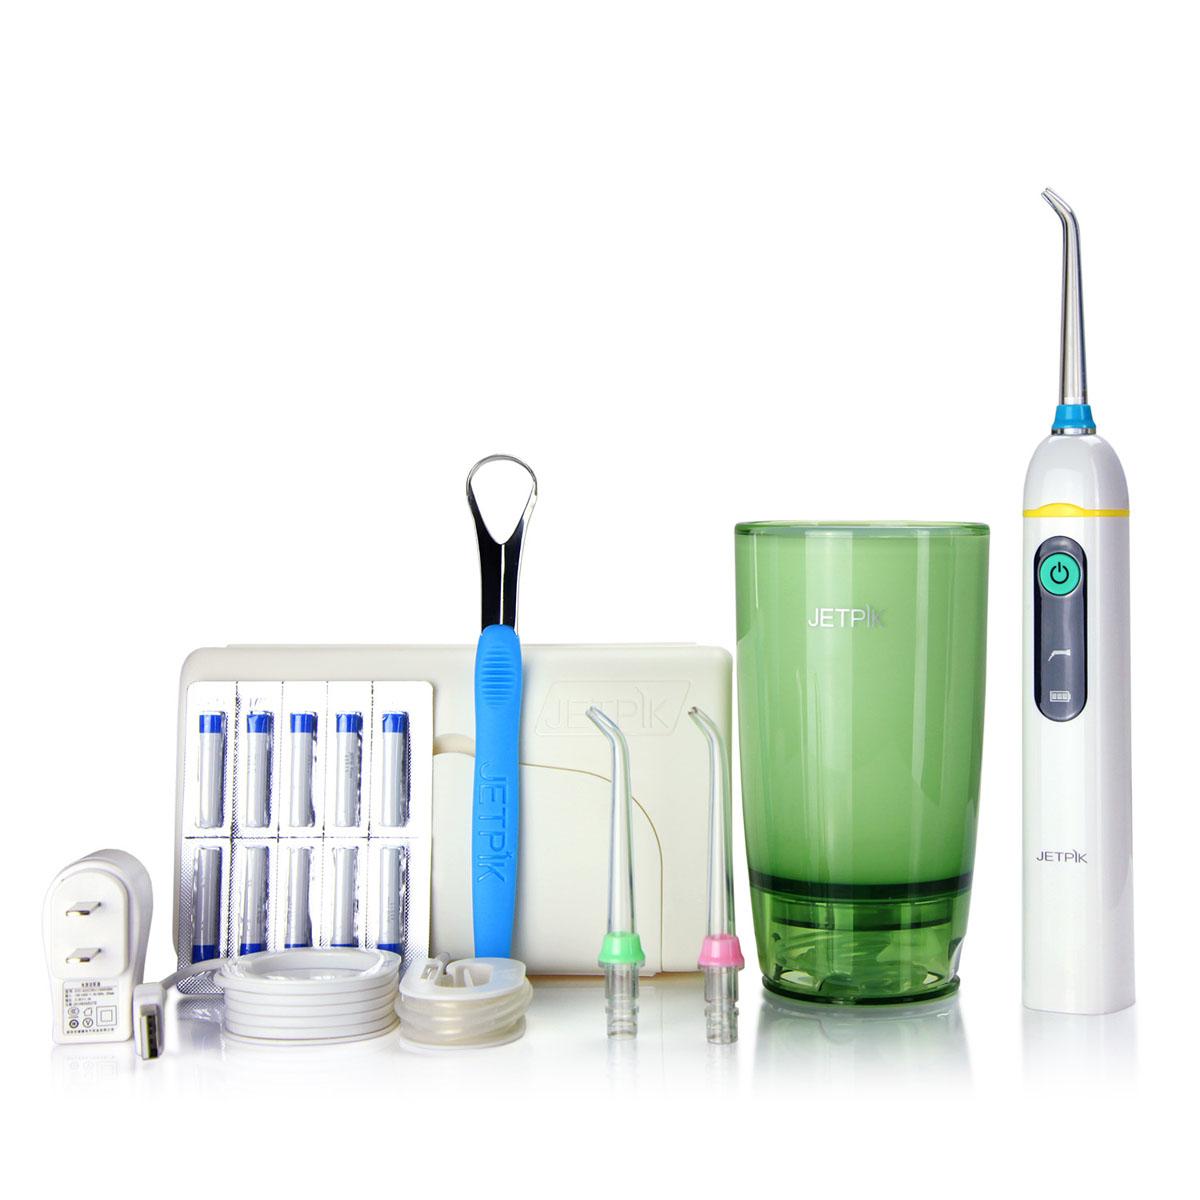 Ирригатор полости рта Jetpik JP50-EliteJA05-103-02Сочетает в себе очищающее действие зубной нити (смарт-флосса), воды и воздуха. Легкий в использовании, очень эффективный и экономит время Здоровые десны и чистые зубы уже через 7 дней. Клинически доказано, что удаляет до 99% зубного налета. Инновационная комбинация давления воды и пульсирующей флосс- системы (20-25 колебания в сек) удаляет остатки пищи глубже и быстрее, между зубами и ниже линии десен, в труднодоступных местах вокруг брекетов, между зубными имплантатами и коронками. Пульсирующая под давлением воды смарт флосс- система создает дополнительную силу трения. Лабораторно доказано что JETPIK на 240% более эффективно удаляет зубной налет и биопленку, чем обычные водные ирригаторы. Эффективный, безопасный и простой в использовании. Идеально подходит для тех, кто с имплантатами, коронками, брекет-системами, мостовидными протезами, пародонтальными карманами. Портативный и компактный - по размерам не больше электрической зубной щетки, благодаря встроенной литиевой батарее...